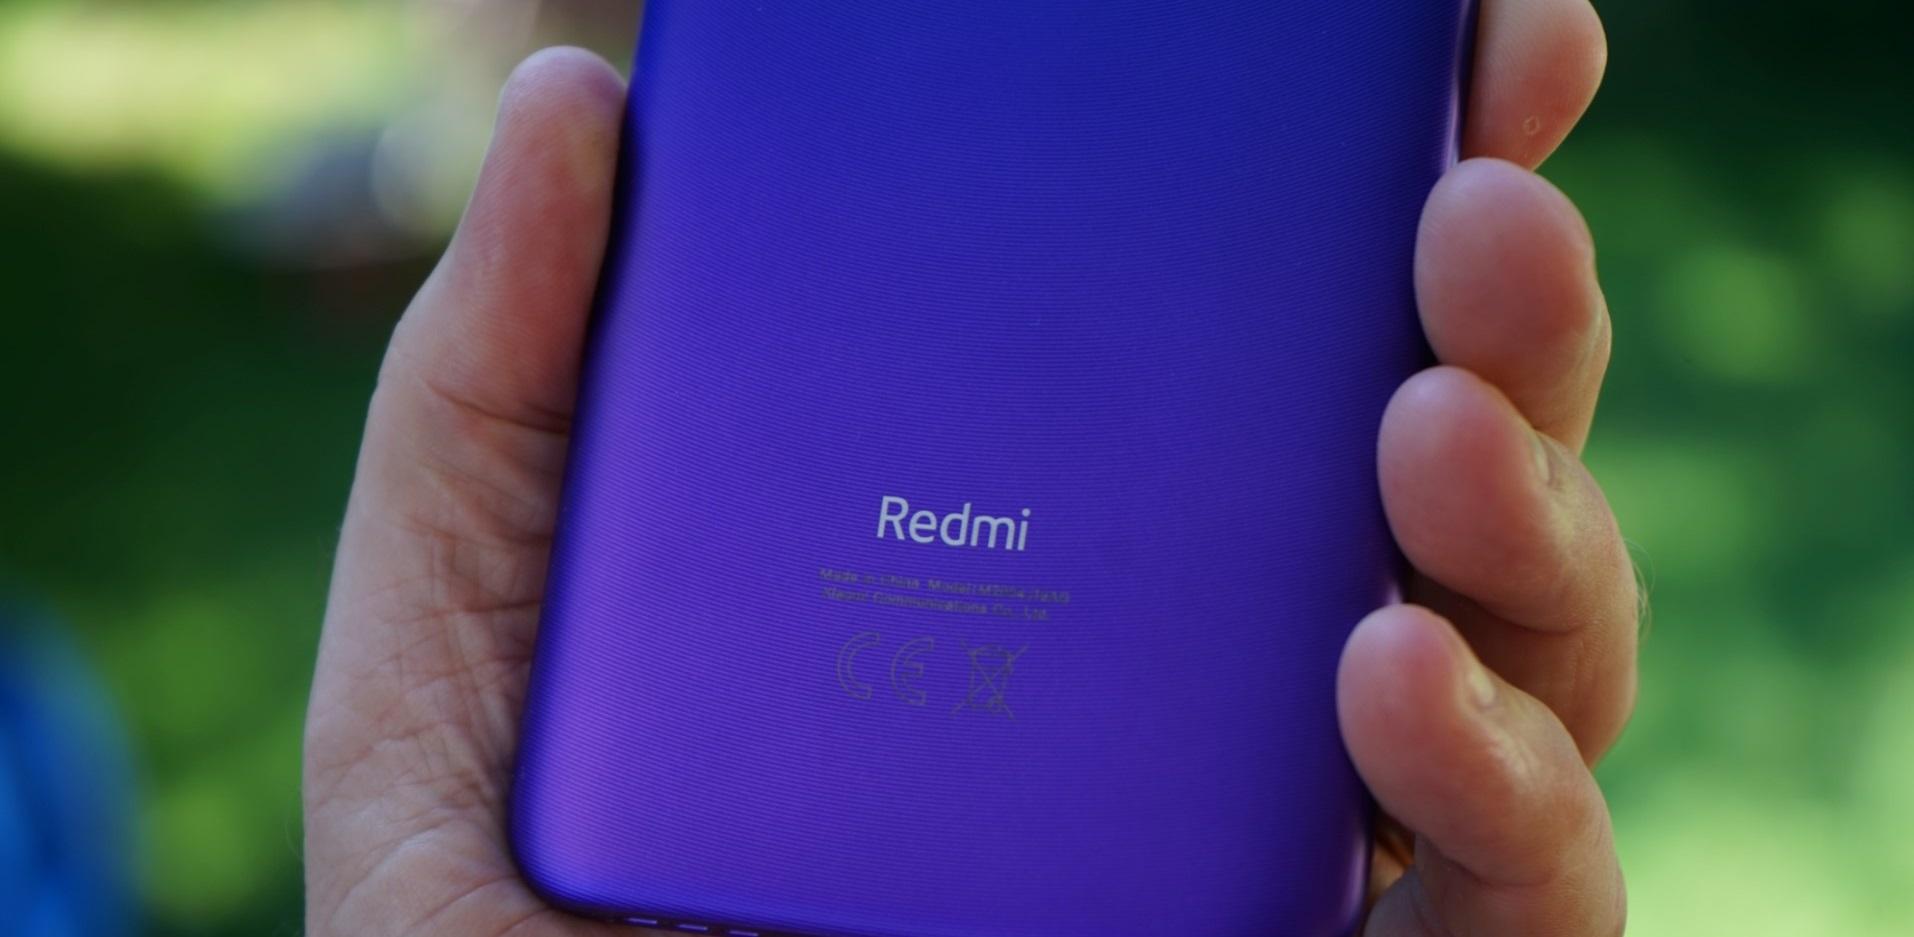 مواصفات وأسعار أفضل هواتف Redmi في كل الفئات في السوق المصري